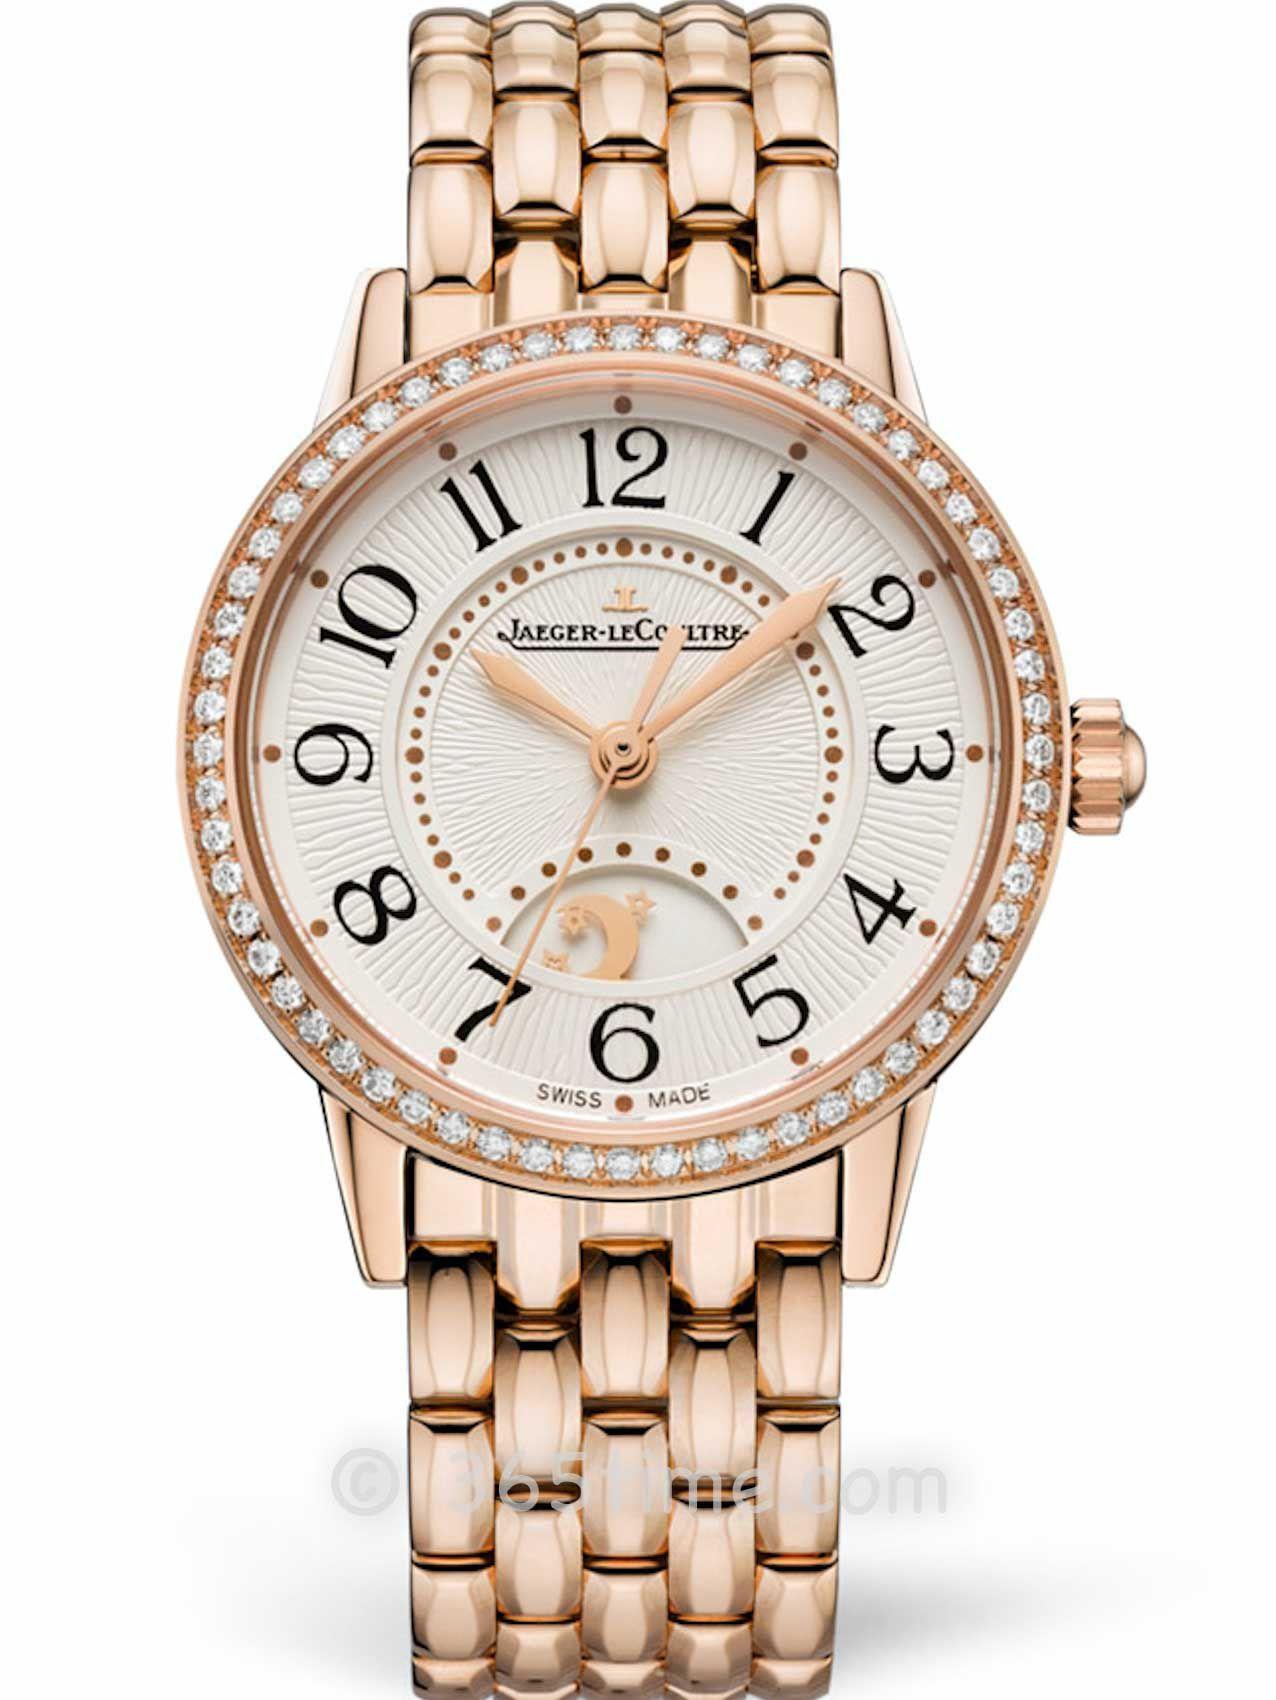 积家约会系列日夜显示腕表(小型款)3462130